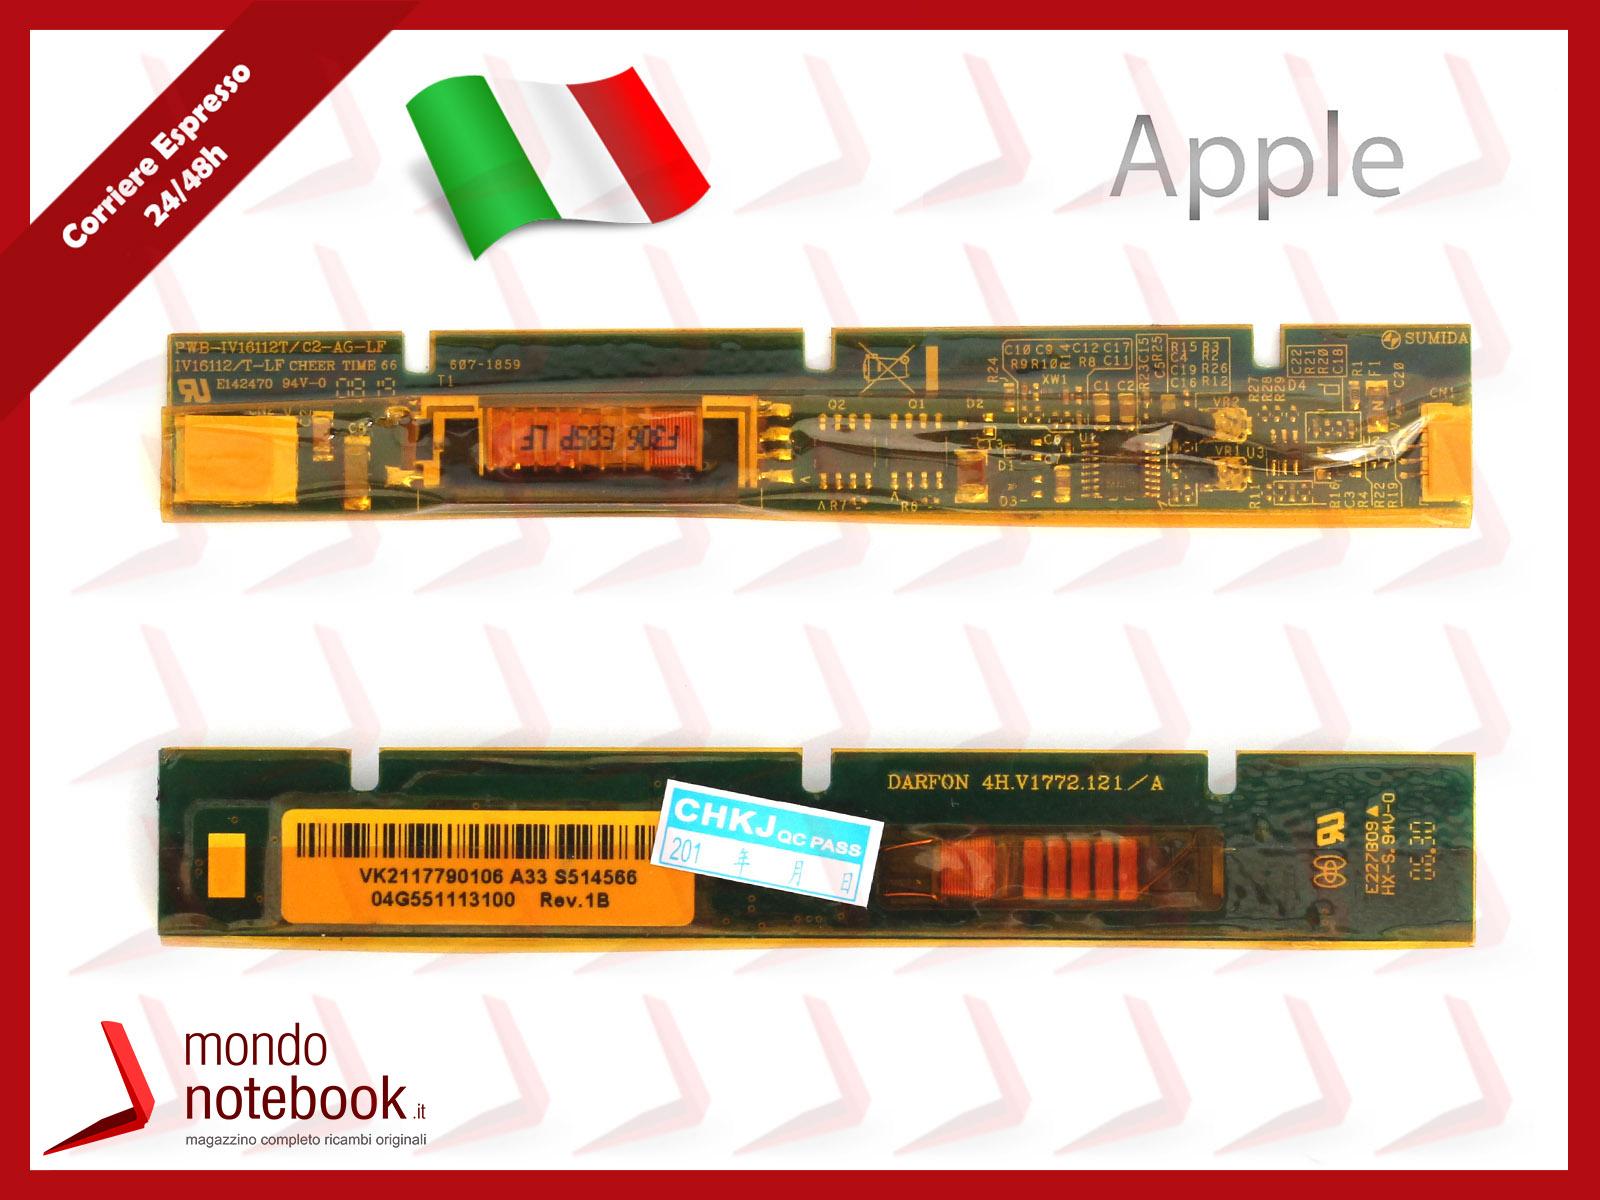 https://www.mondonotebook.it/9444/inverter-board-lcd-apple-a1181-macbook-133-.jpg